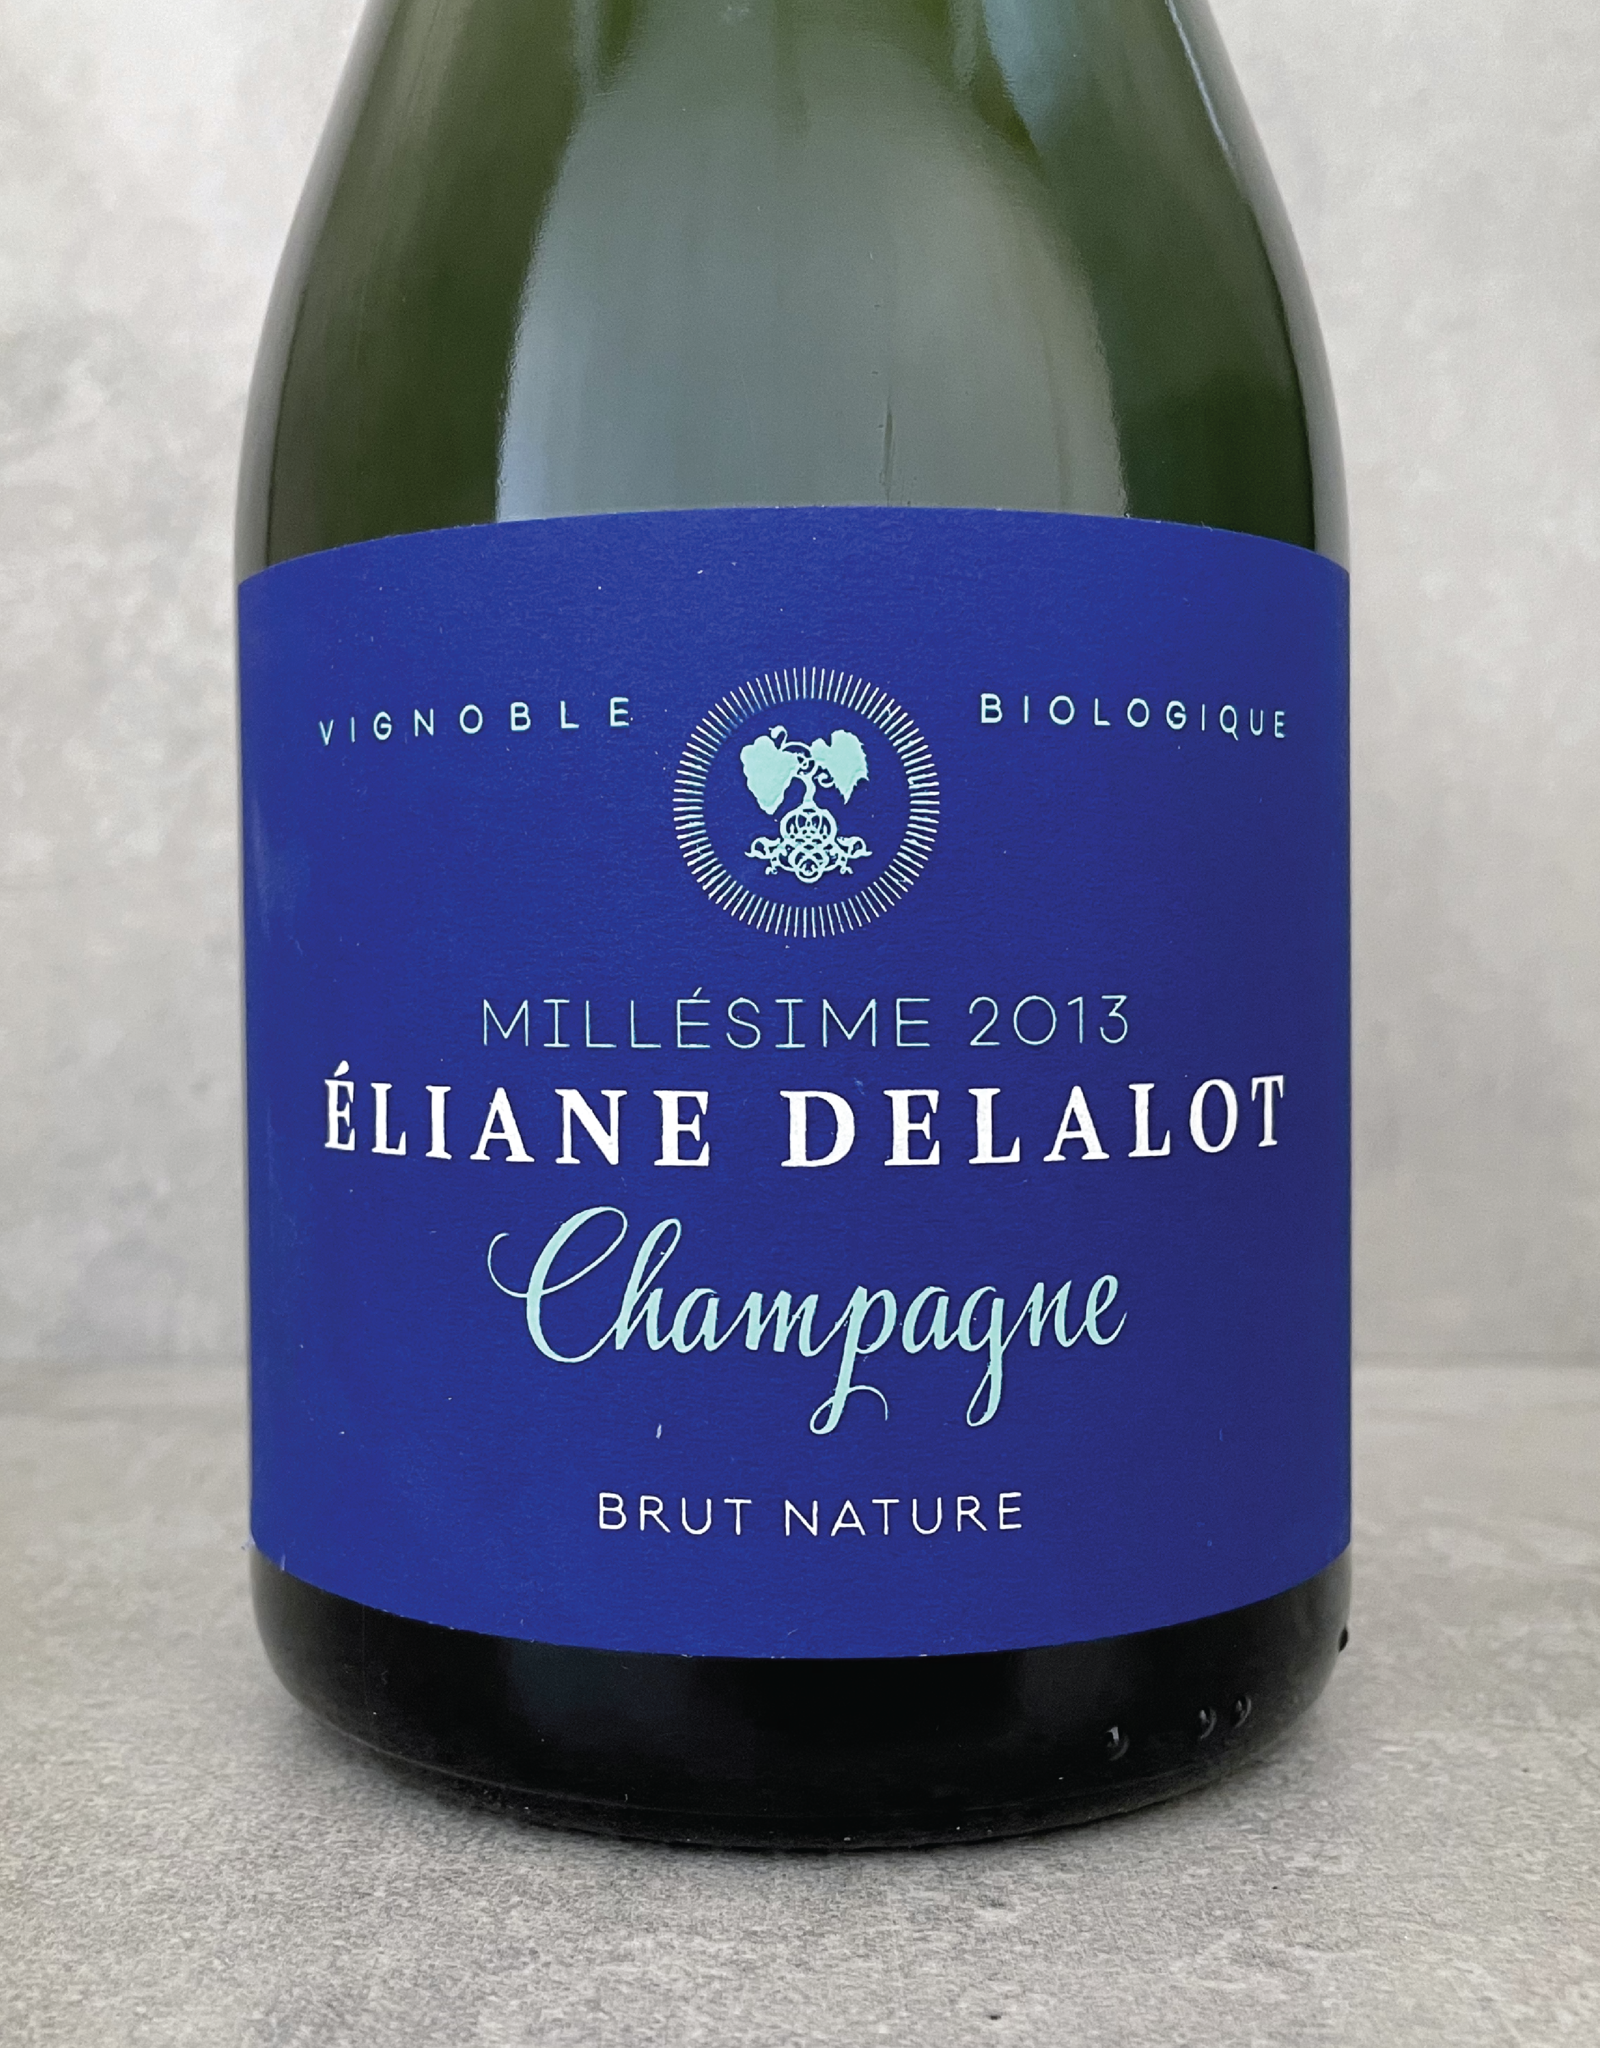 Champagne Delalot Millésime Brut Nature (tirage 895 btl) 2013